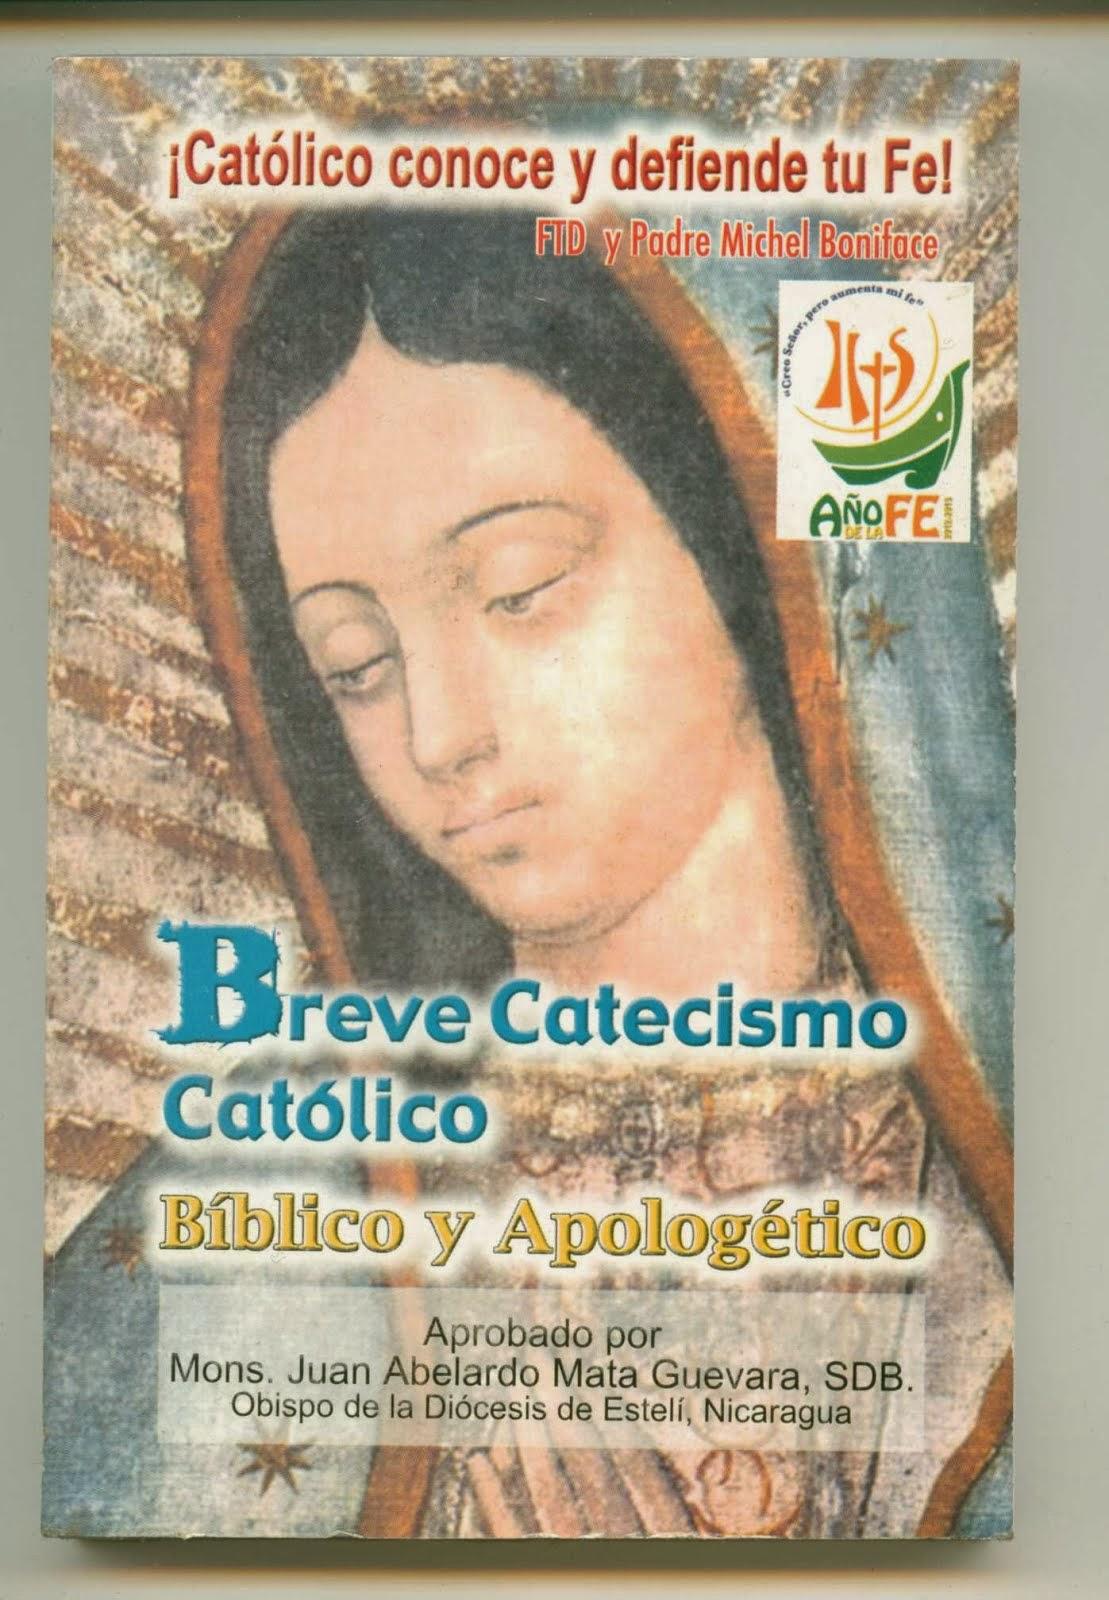 NOVEDAD: BREVE CATECISMO CATÓLICO, BÍBLICO Y APOLOGÉTICO (Aprobado por Mons. Juan A. Mata)